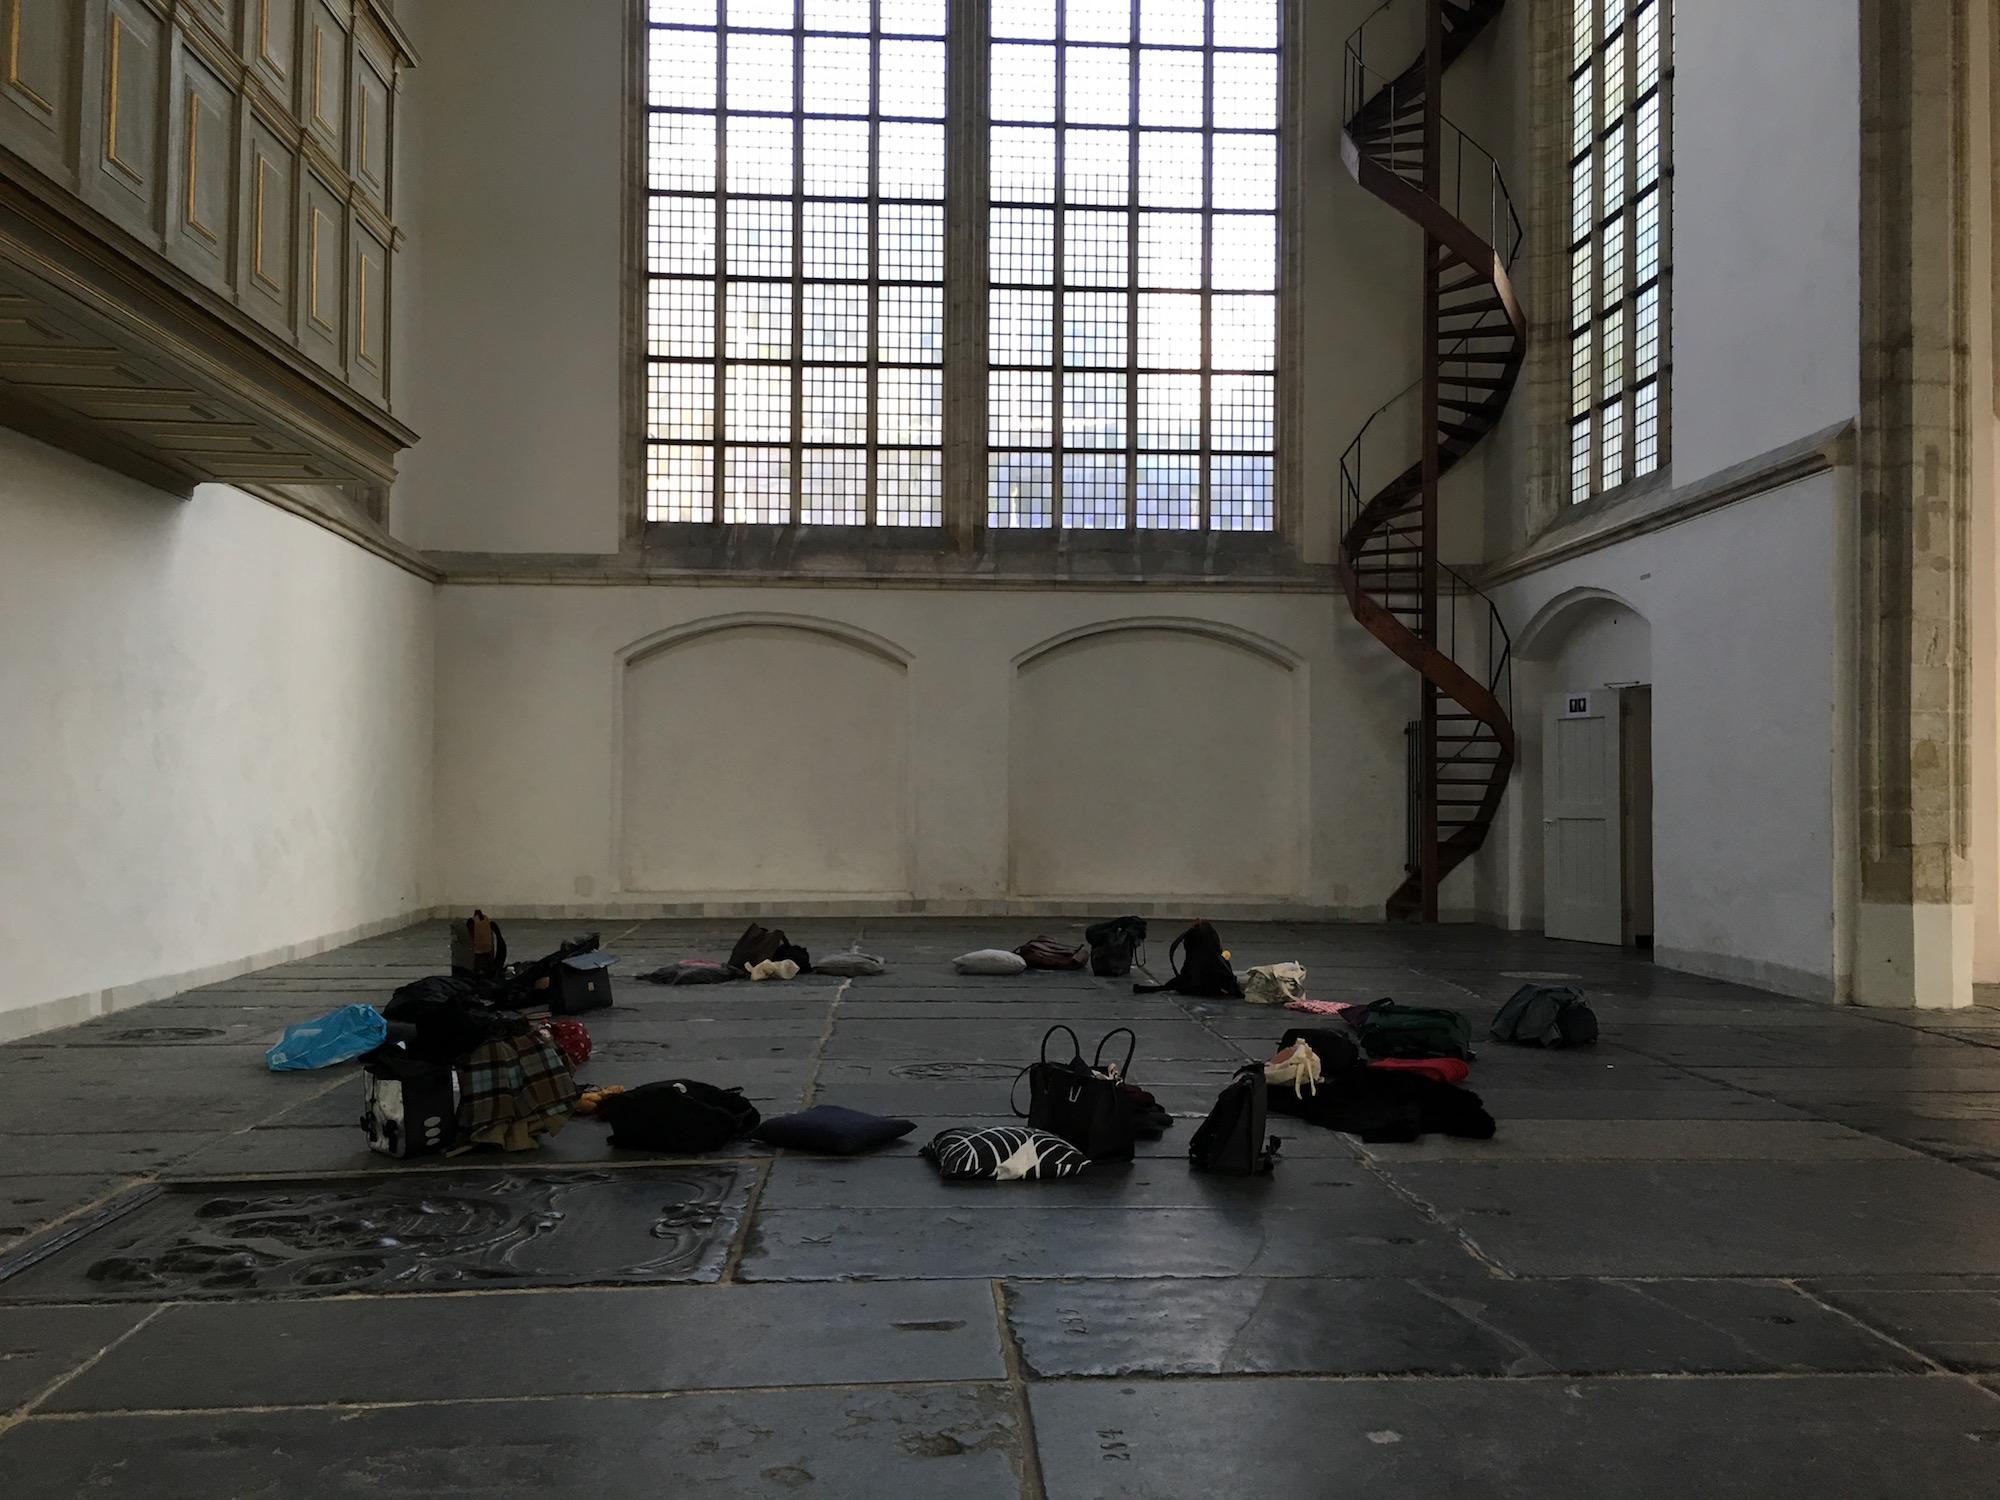 Henri_Snel_bildung academie_workshop architectuur en de zintuigen_1059